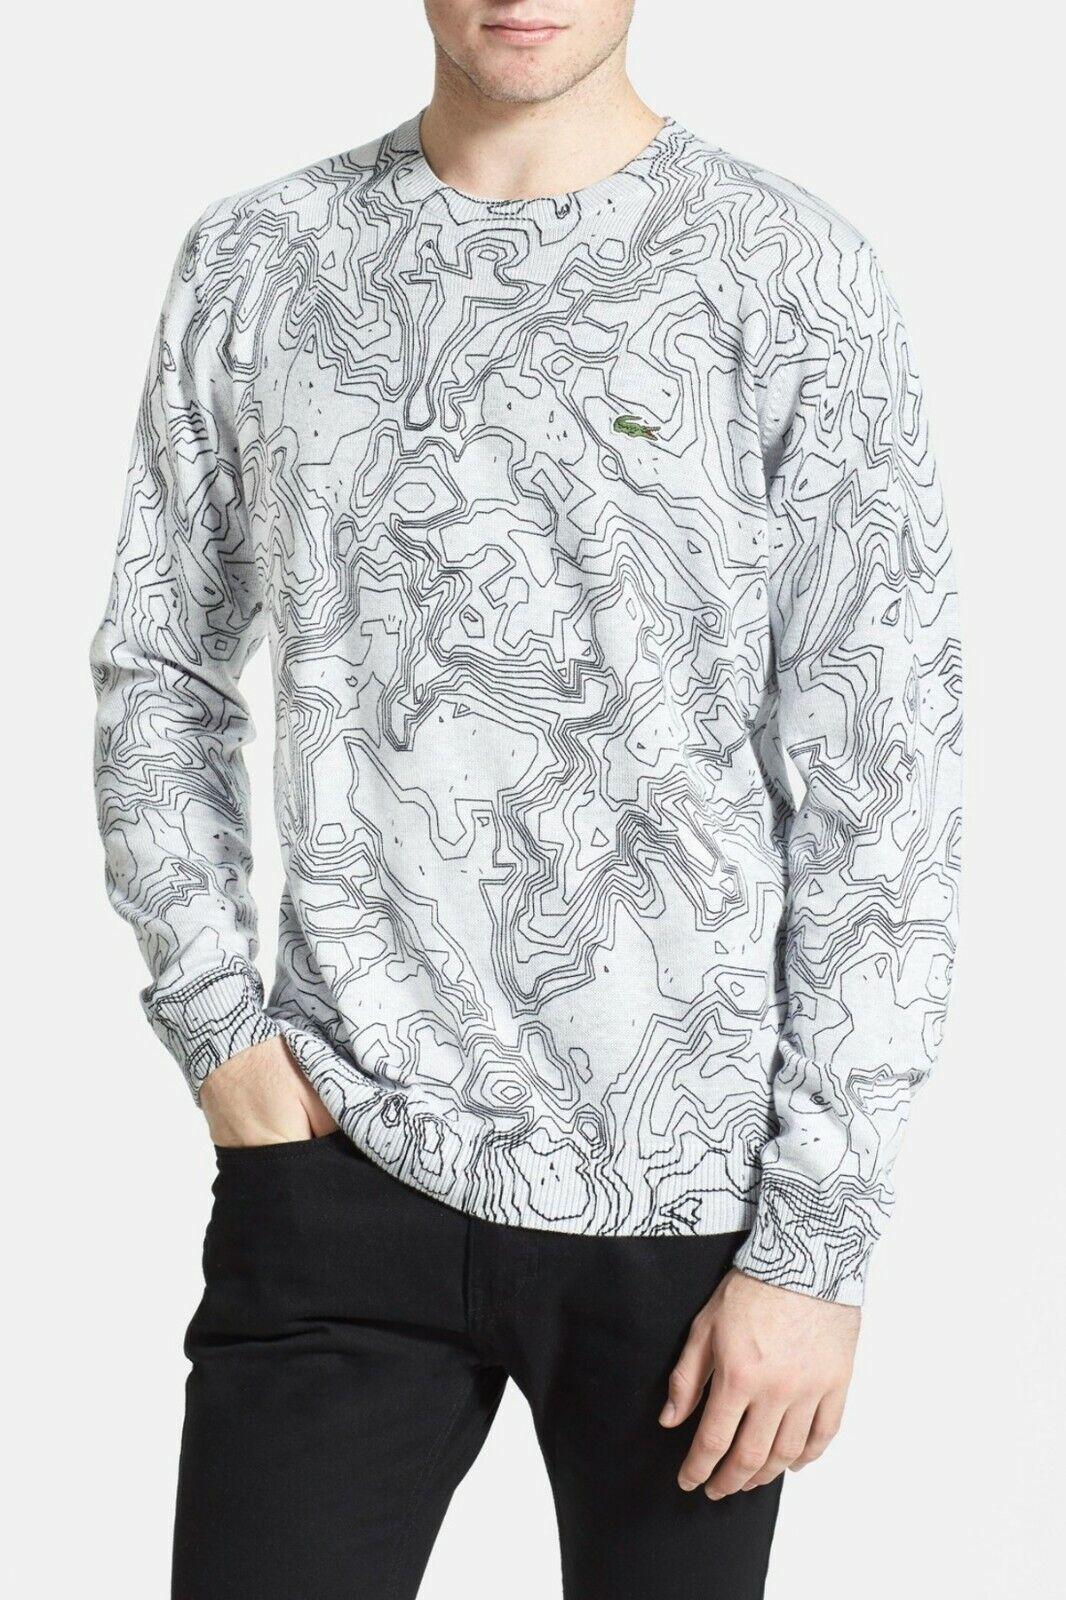 Lacoste LIVE Print Crewneck Sweater   AH2650 51 STN grau Men S - 2XL Retail  175